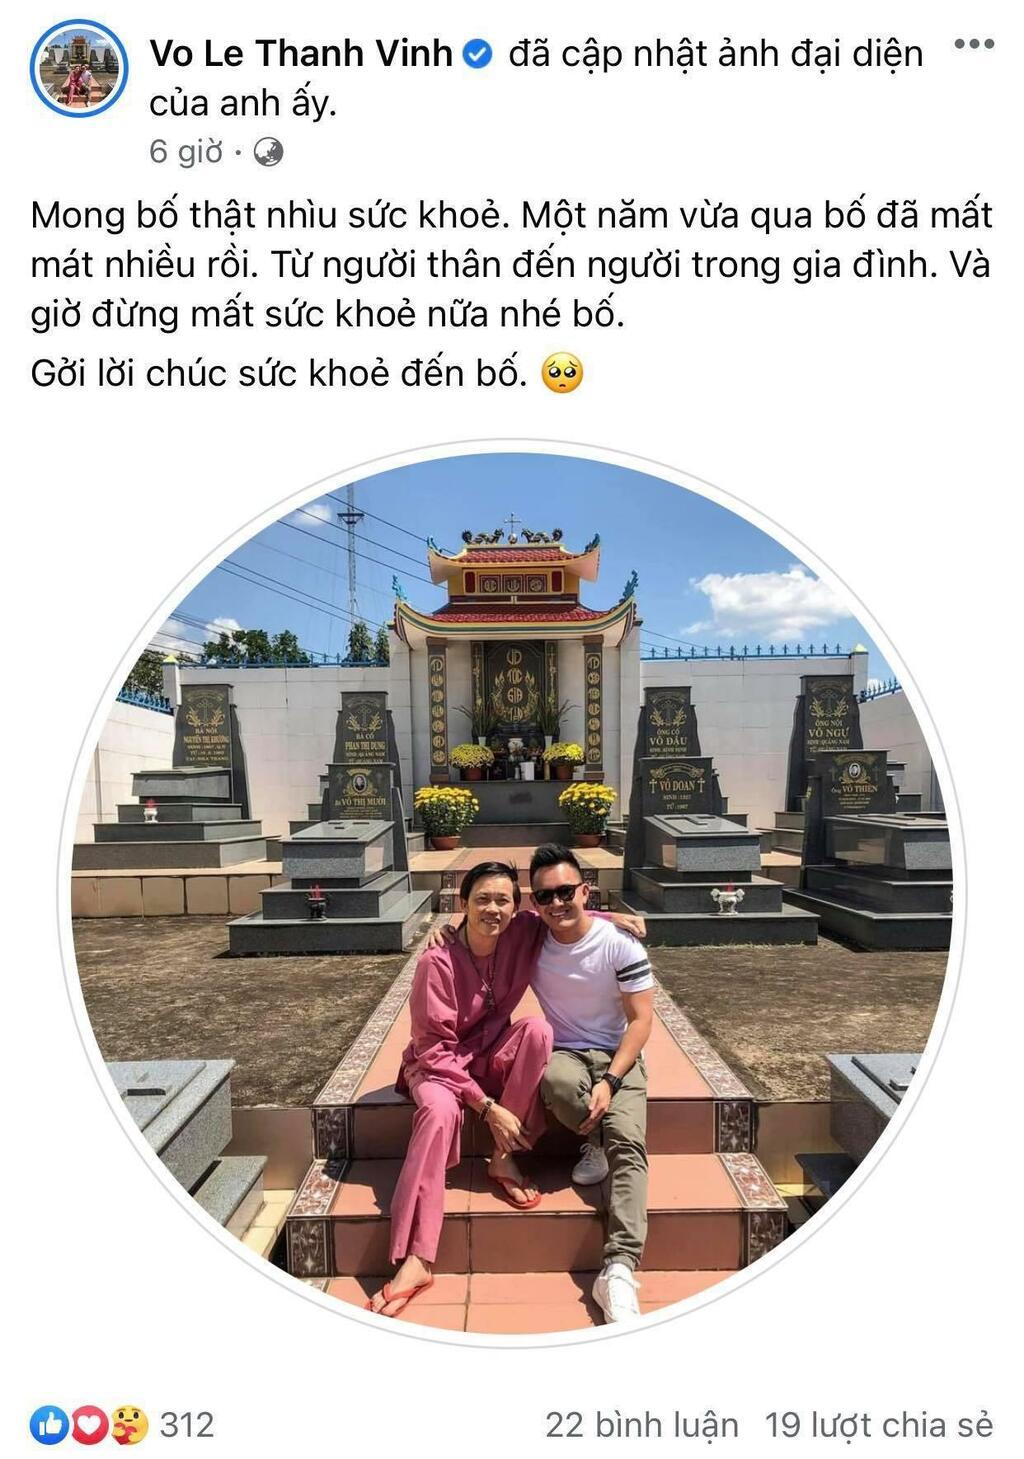 Con trai ruột Hoài Linh gửi lời động viên bố giữa ồn ào tiền từ thiện